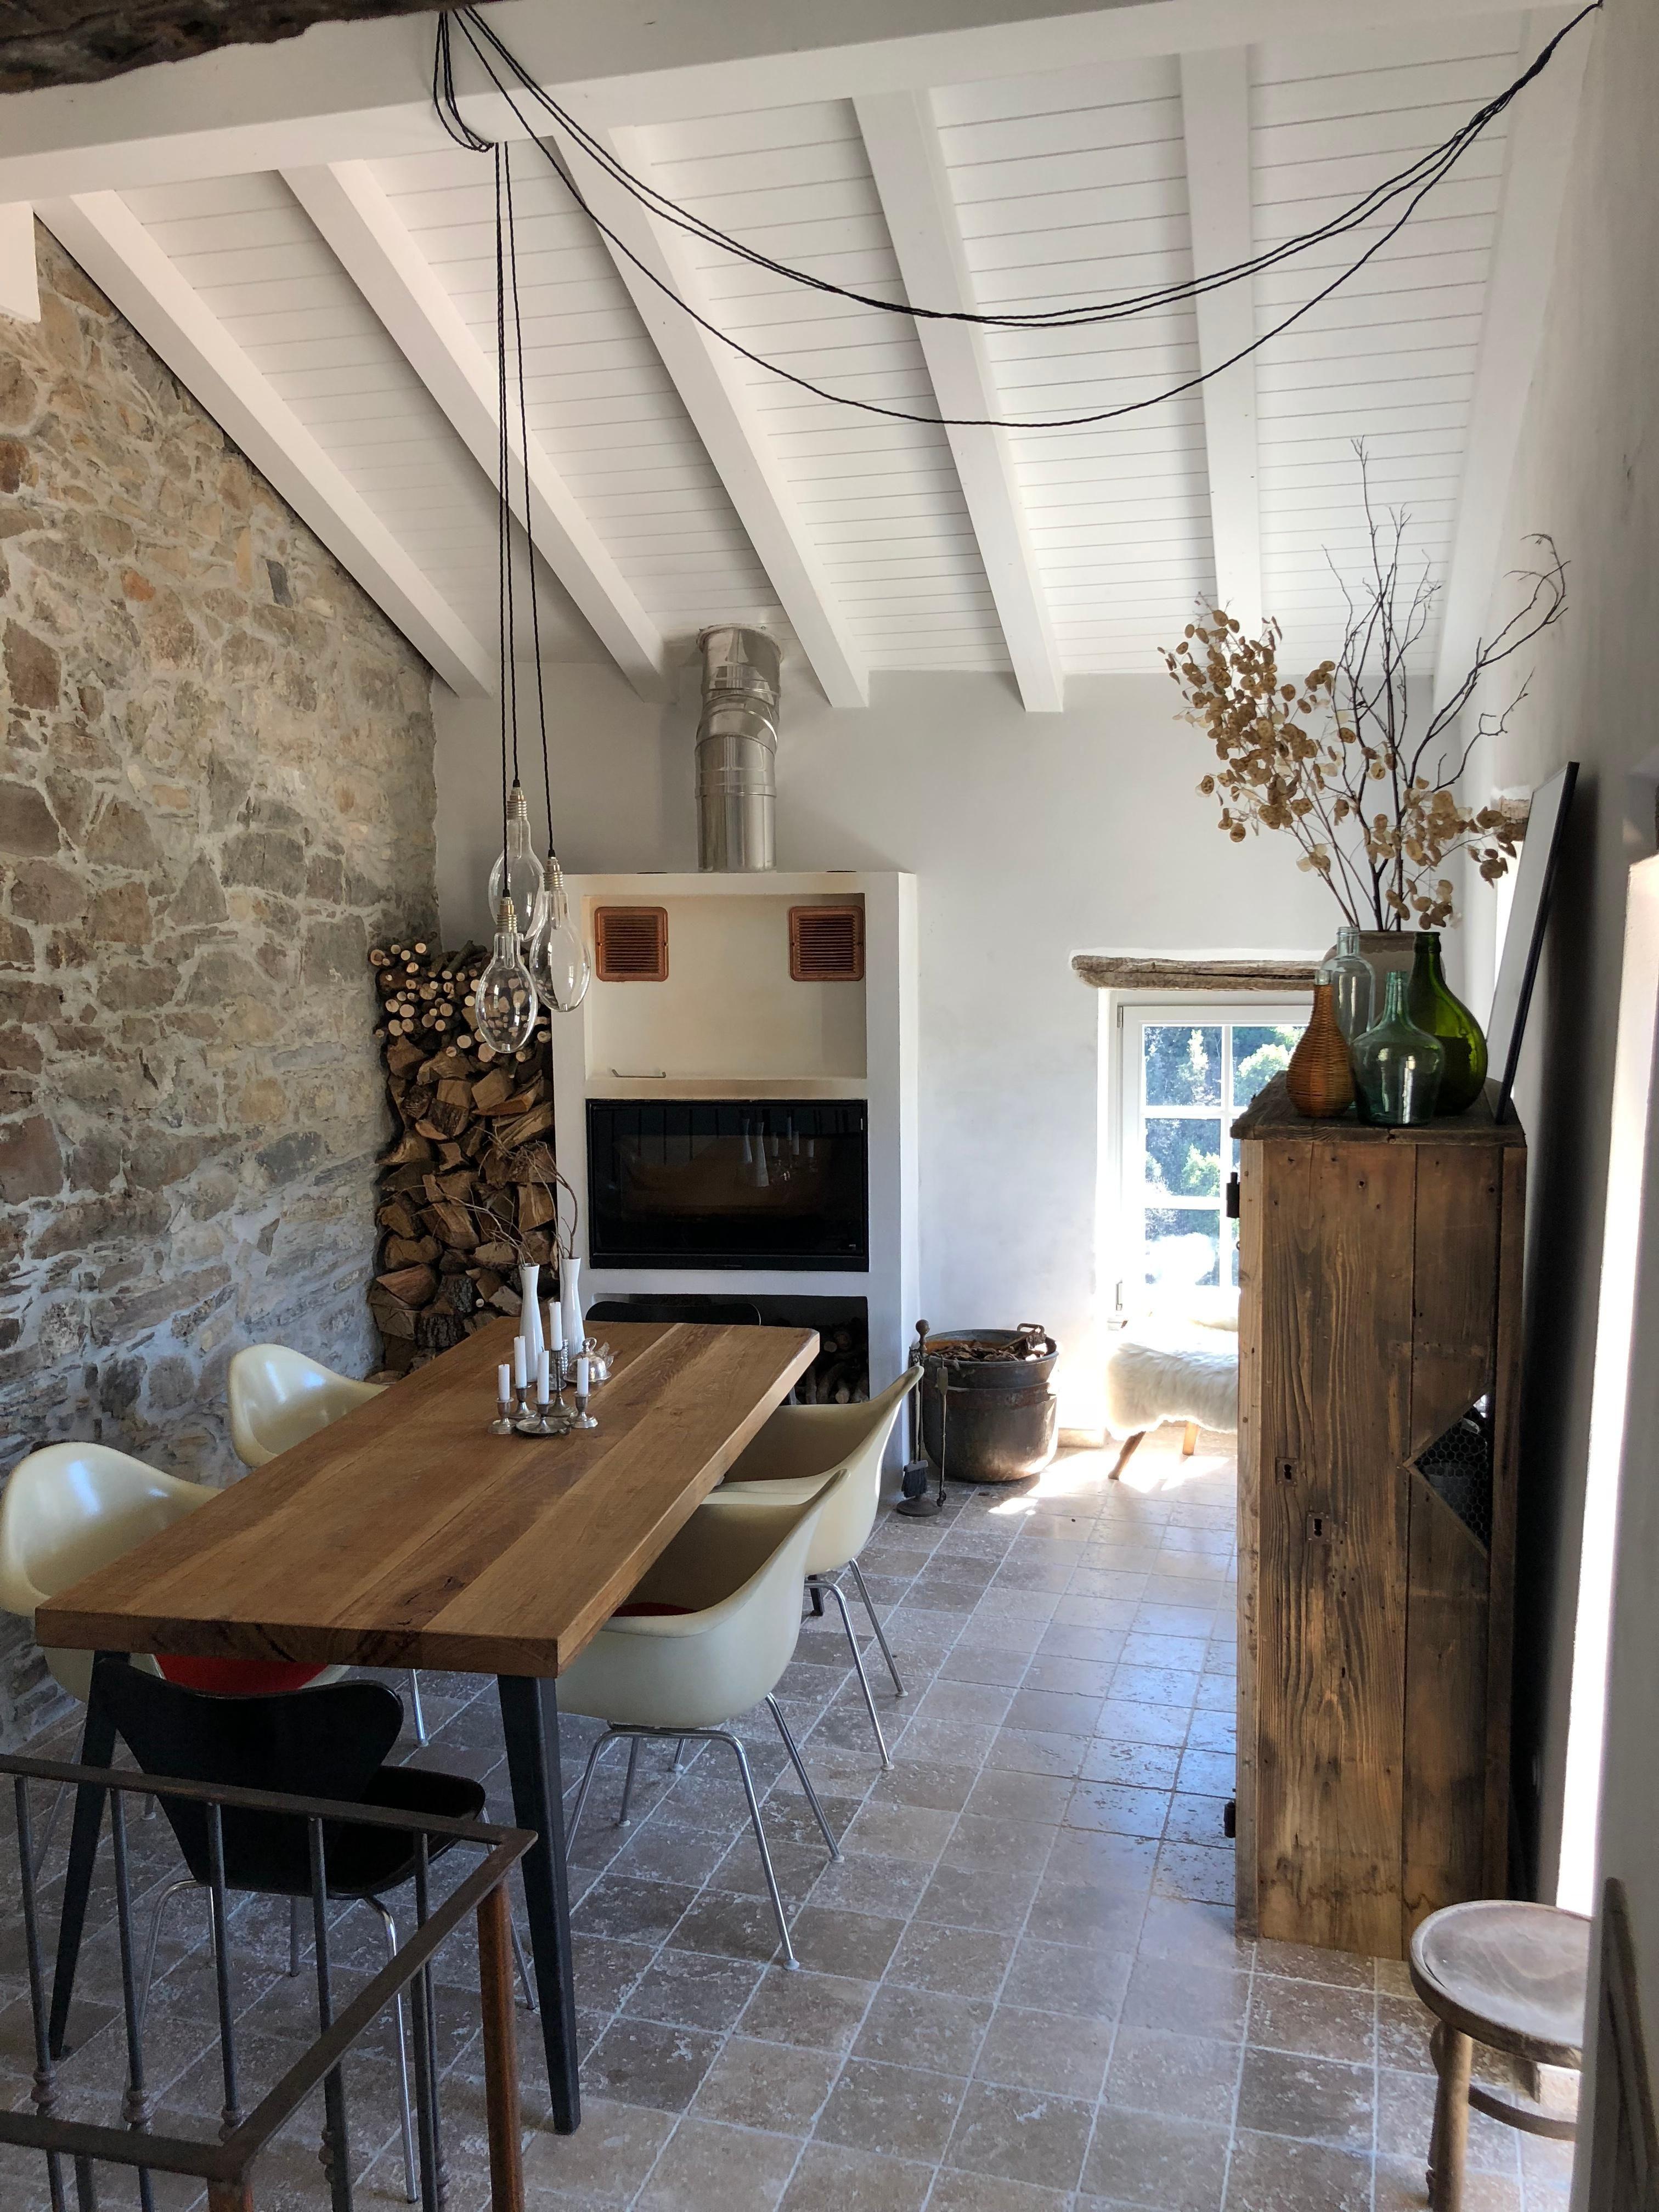 Renovieren leicht gemacht tolle Wohnideen und Tipps zum Renovieren